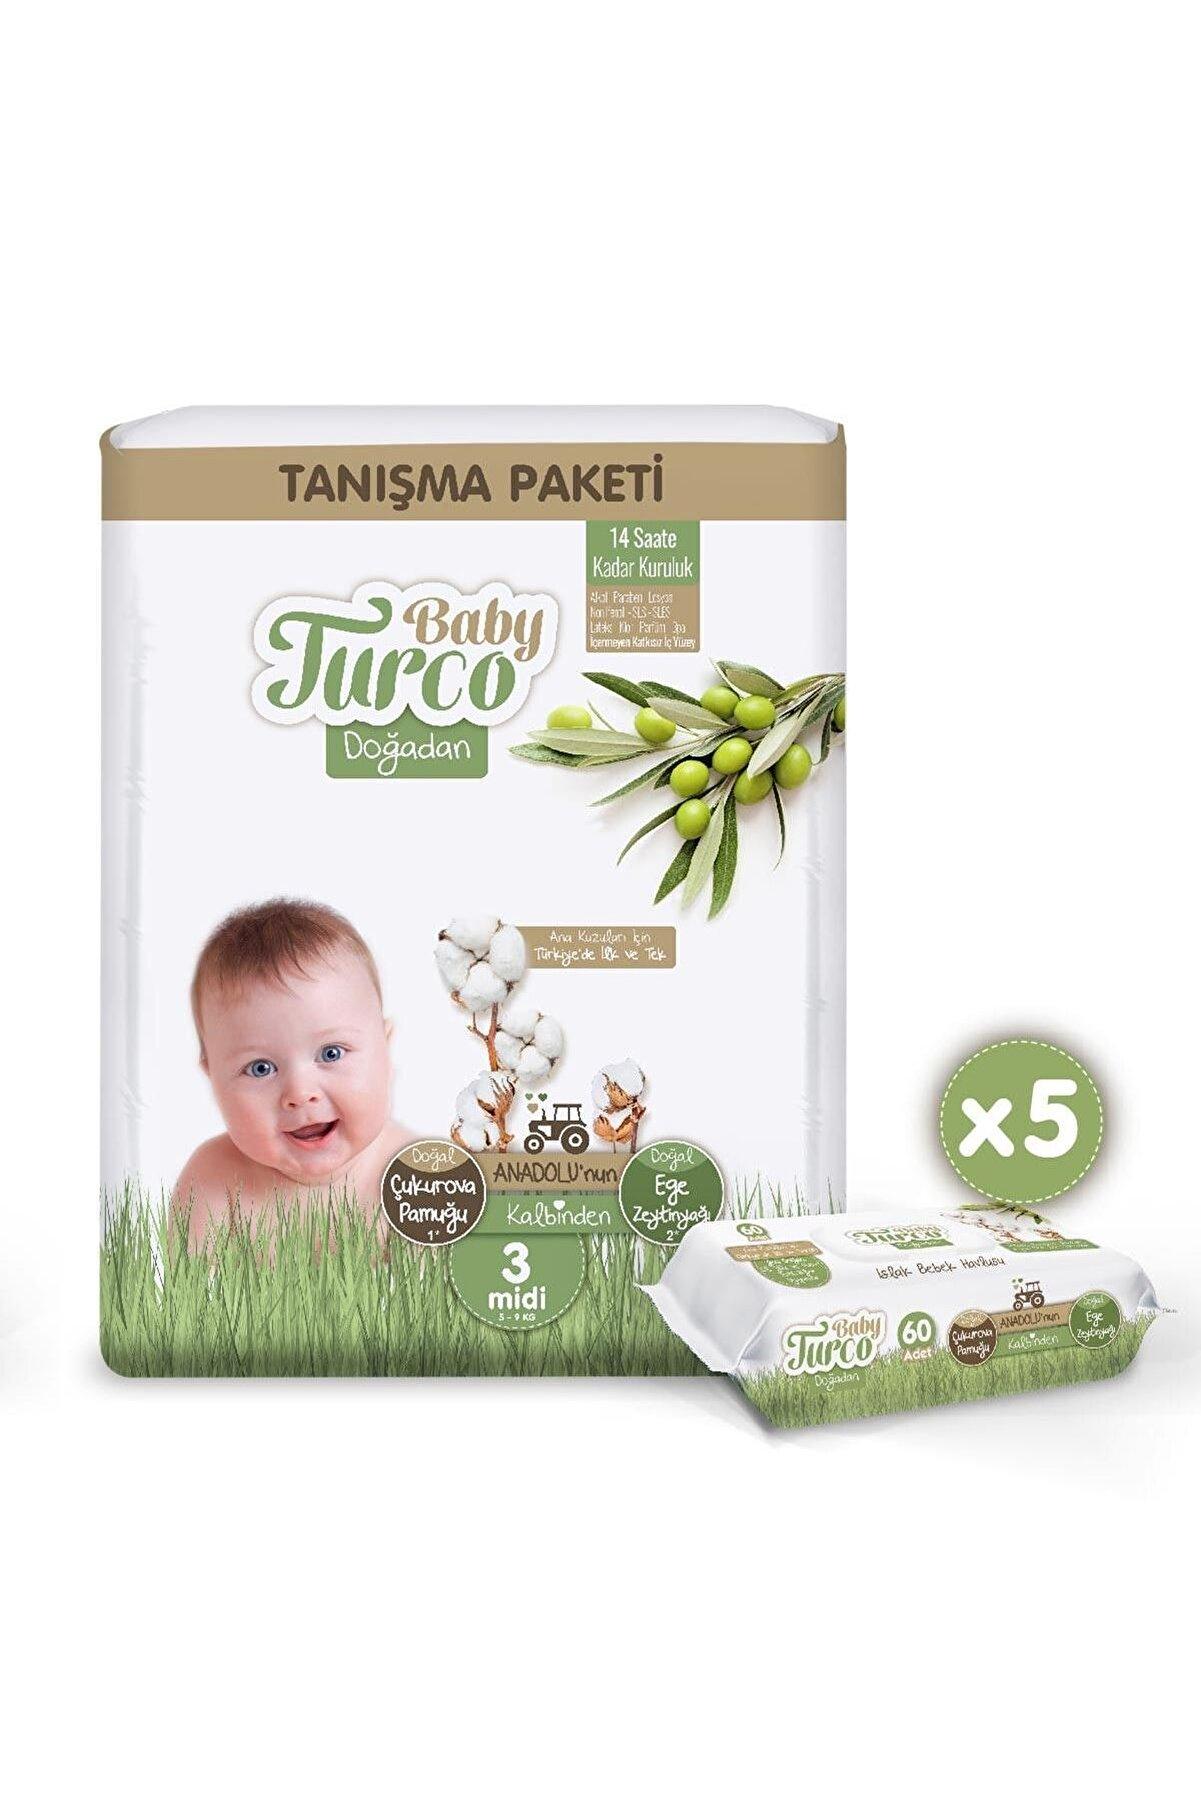 Baby Turco Doğadan Tanışma Paketi 3 Numara Midi 17 Adet + 5x60 Doğadan Islak Havlu